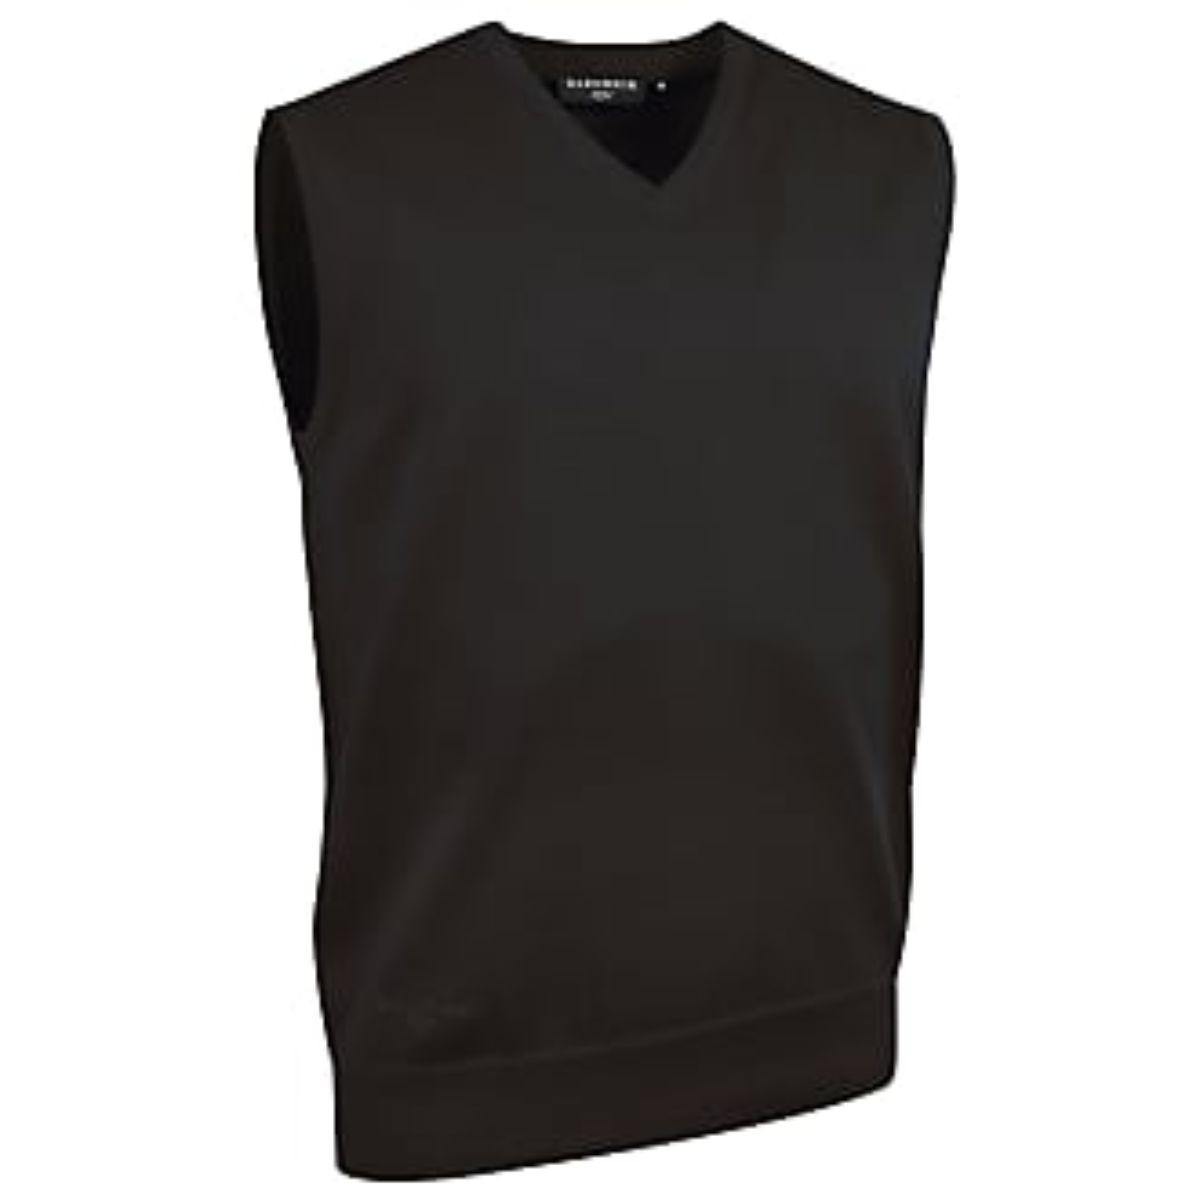 Black Knitted Tank Top (50/50) (Slipover)